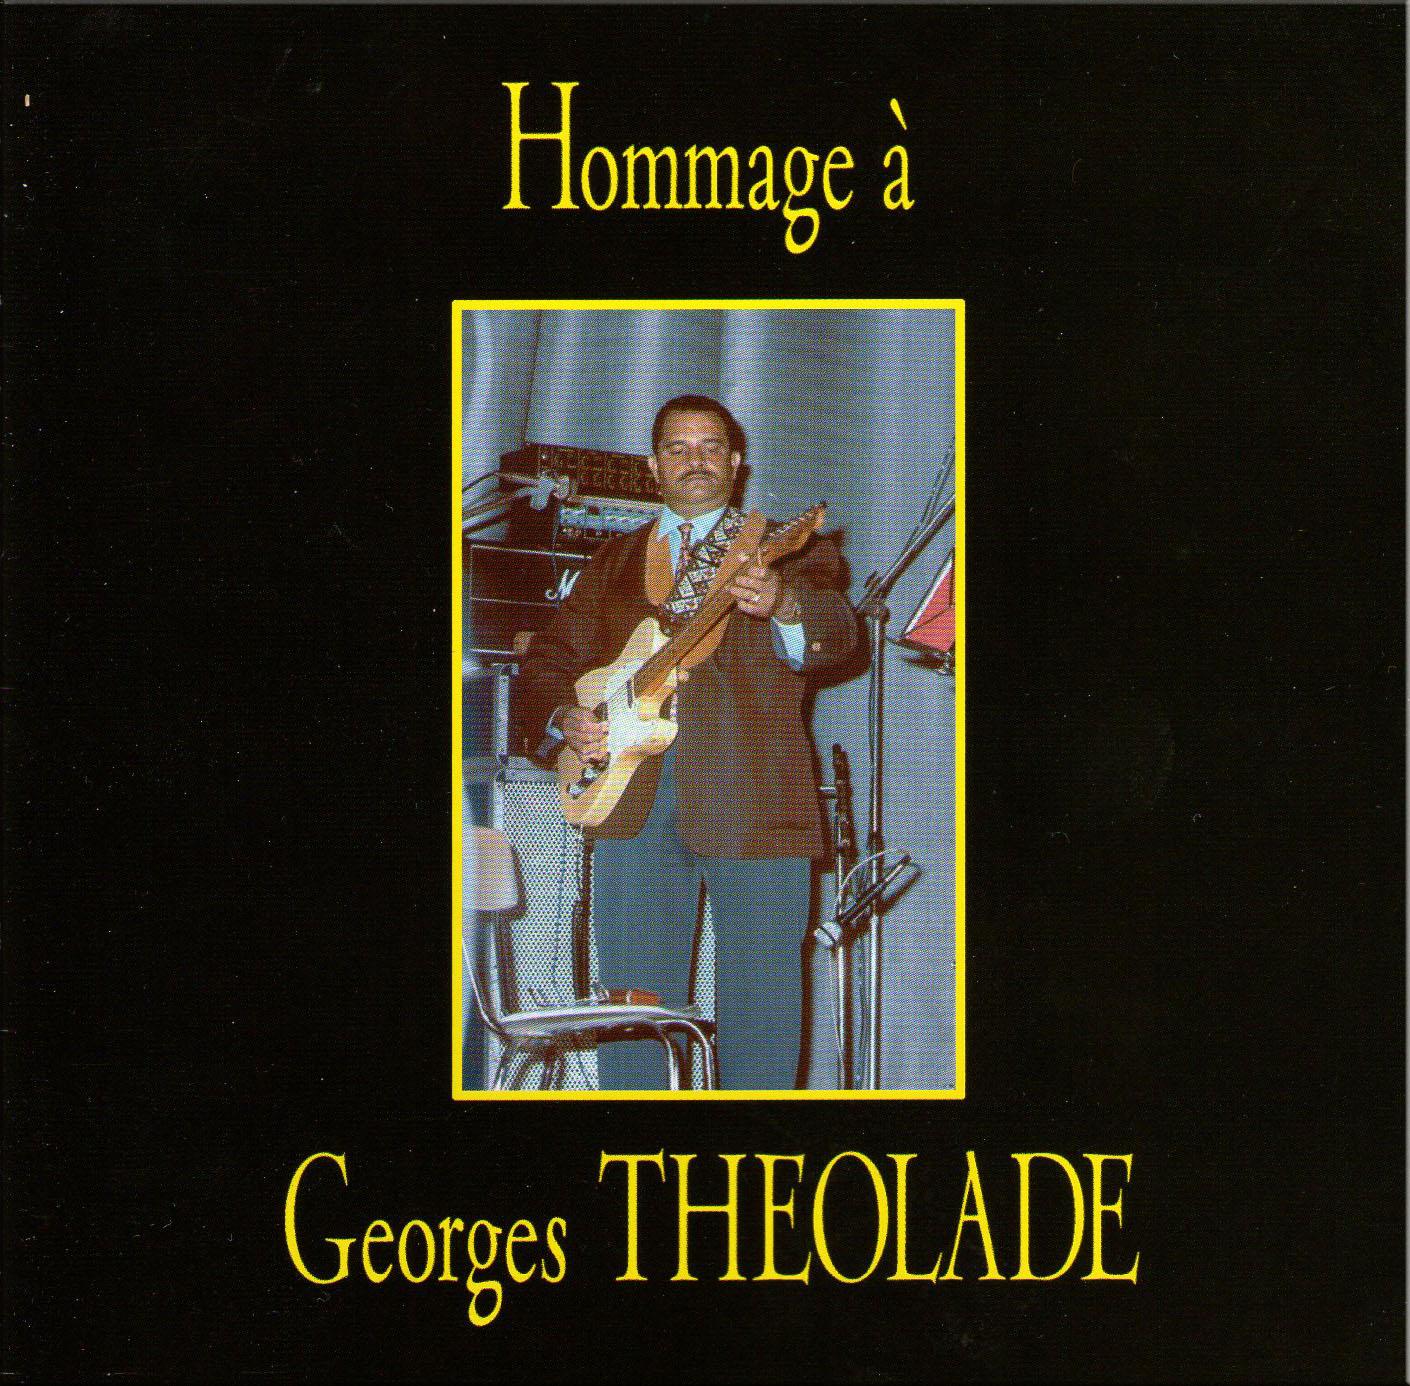 Hommage_à_Georges_Théolade